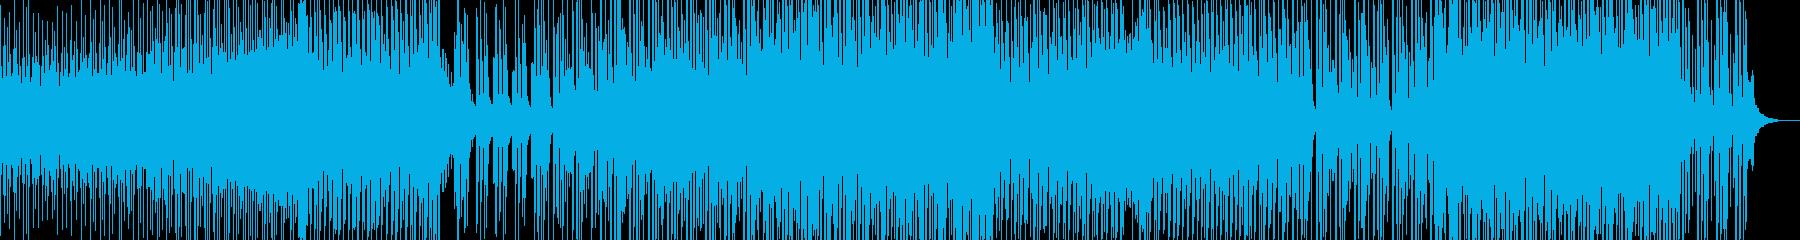 軽快なテンポのアラビアン風ポップスの再生済みの波形